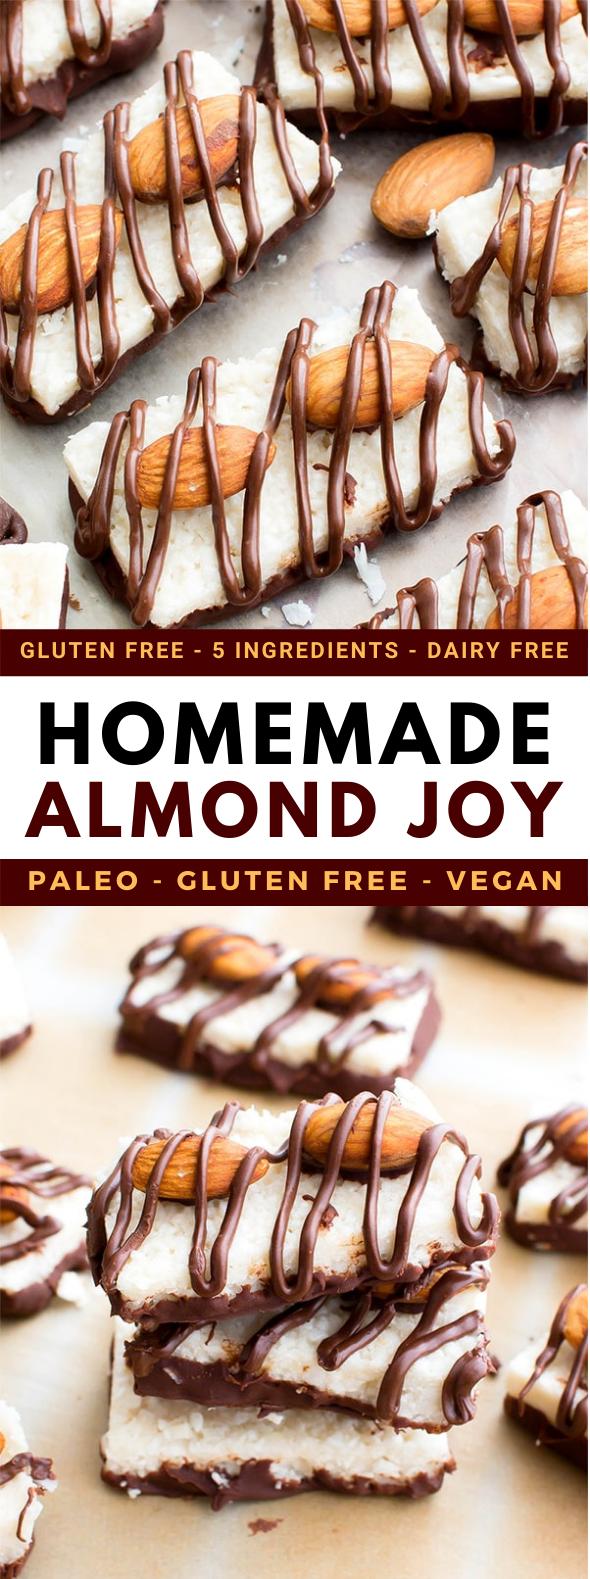 Paleo Almond Joy (Vegan, Gluten Free, Dairy Free) #desserts #healthy